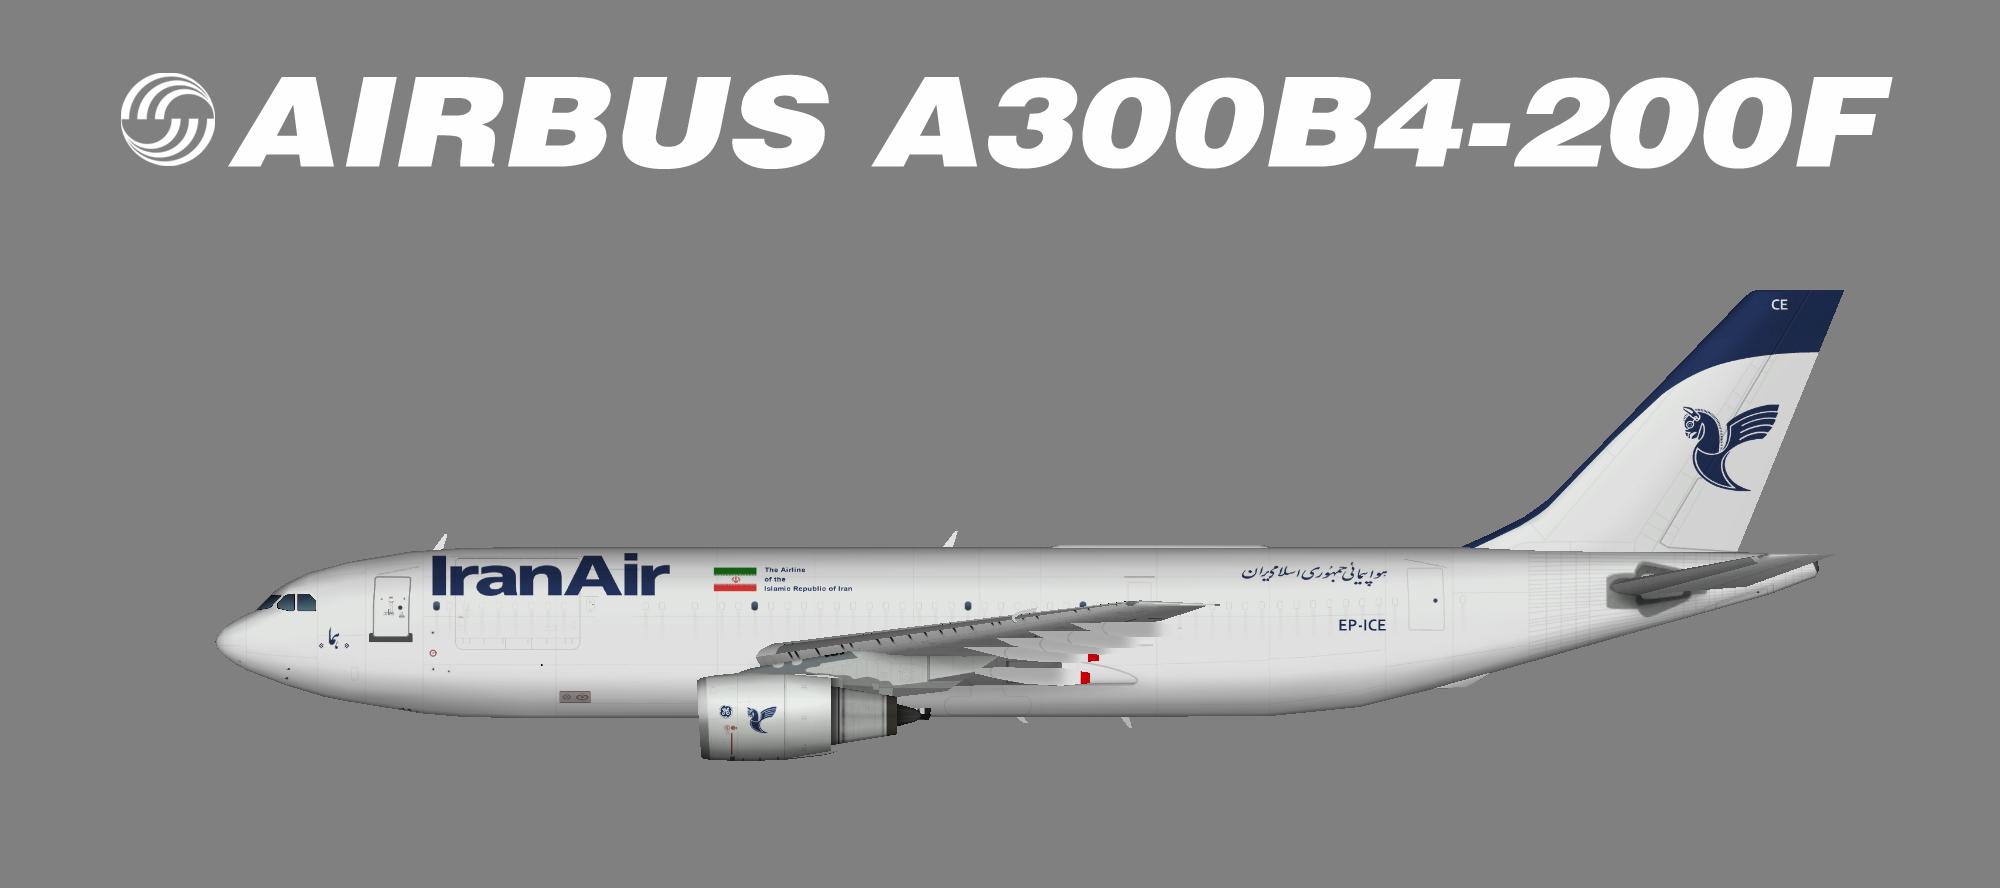 Iran Air Cargo A300B4-200